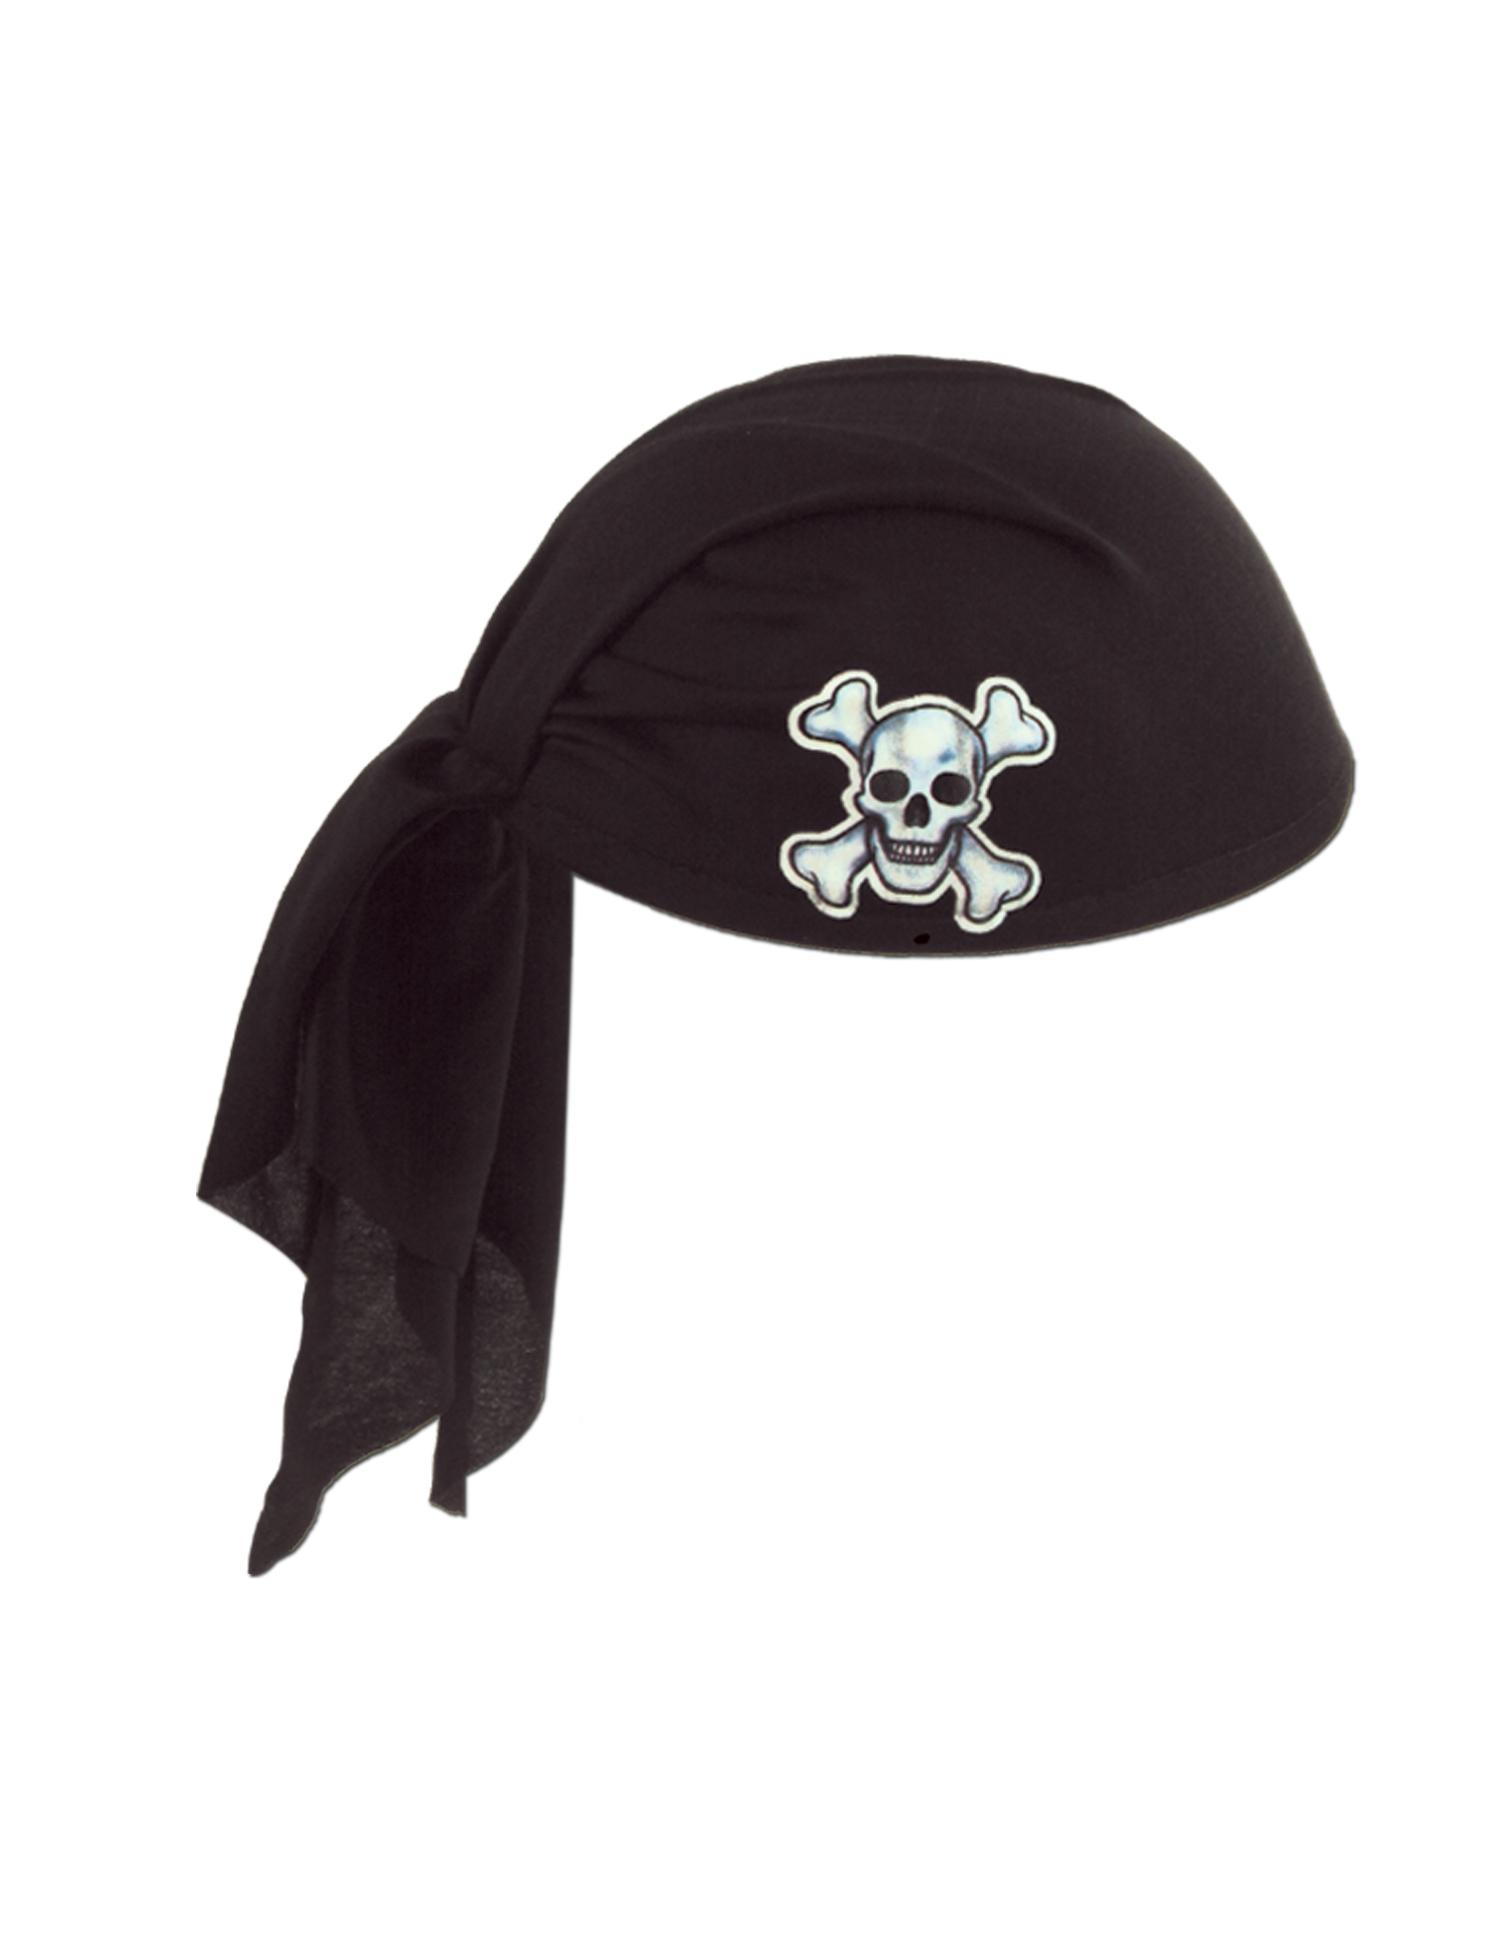 Cappello bandana da pirata adulto  Cappelli 390264e22907